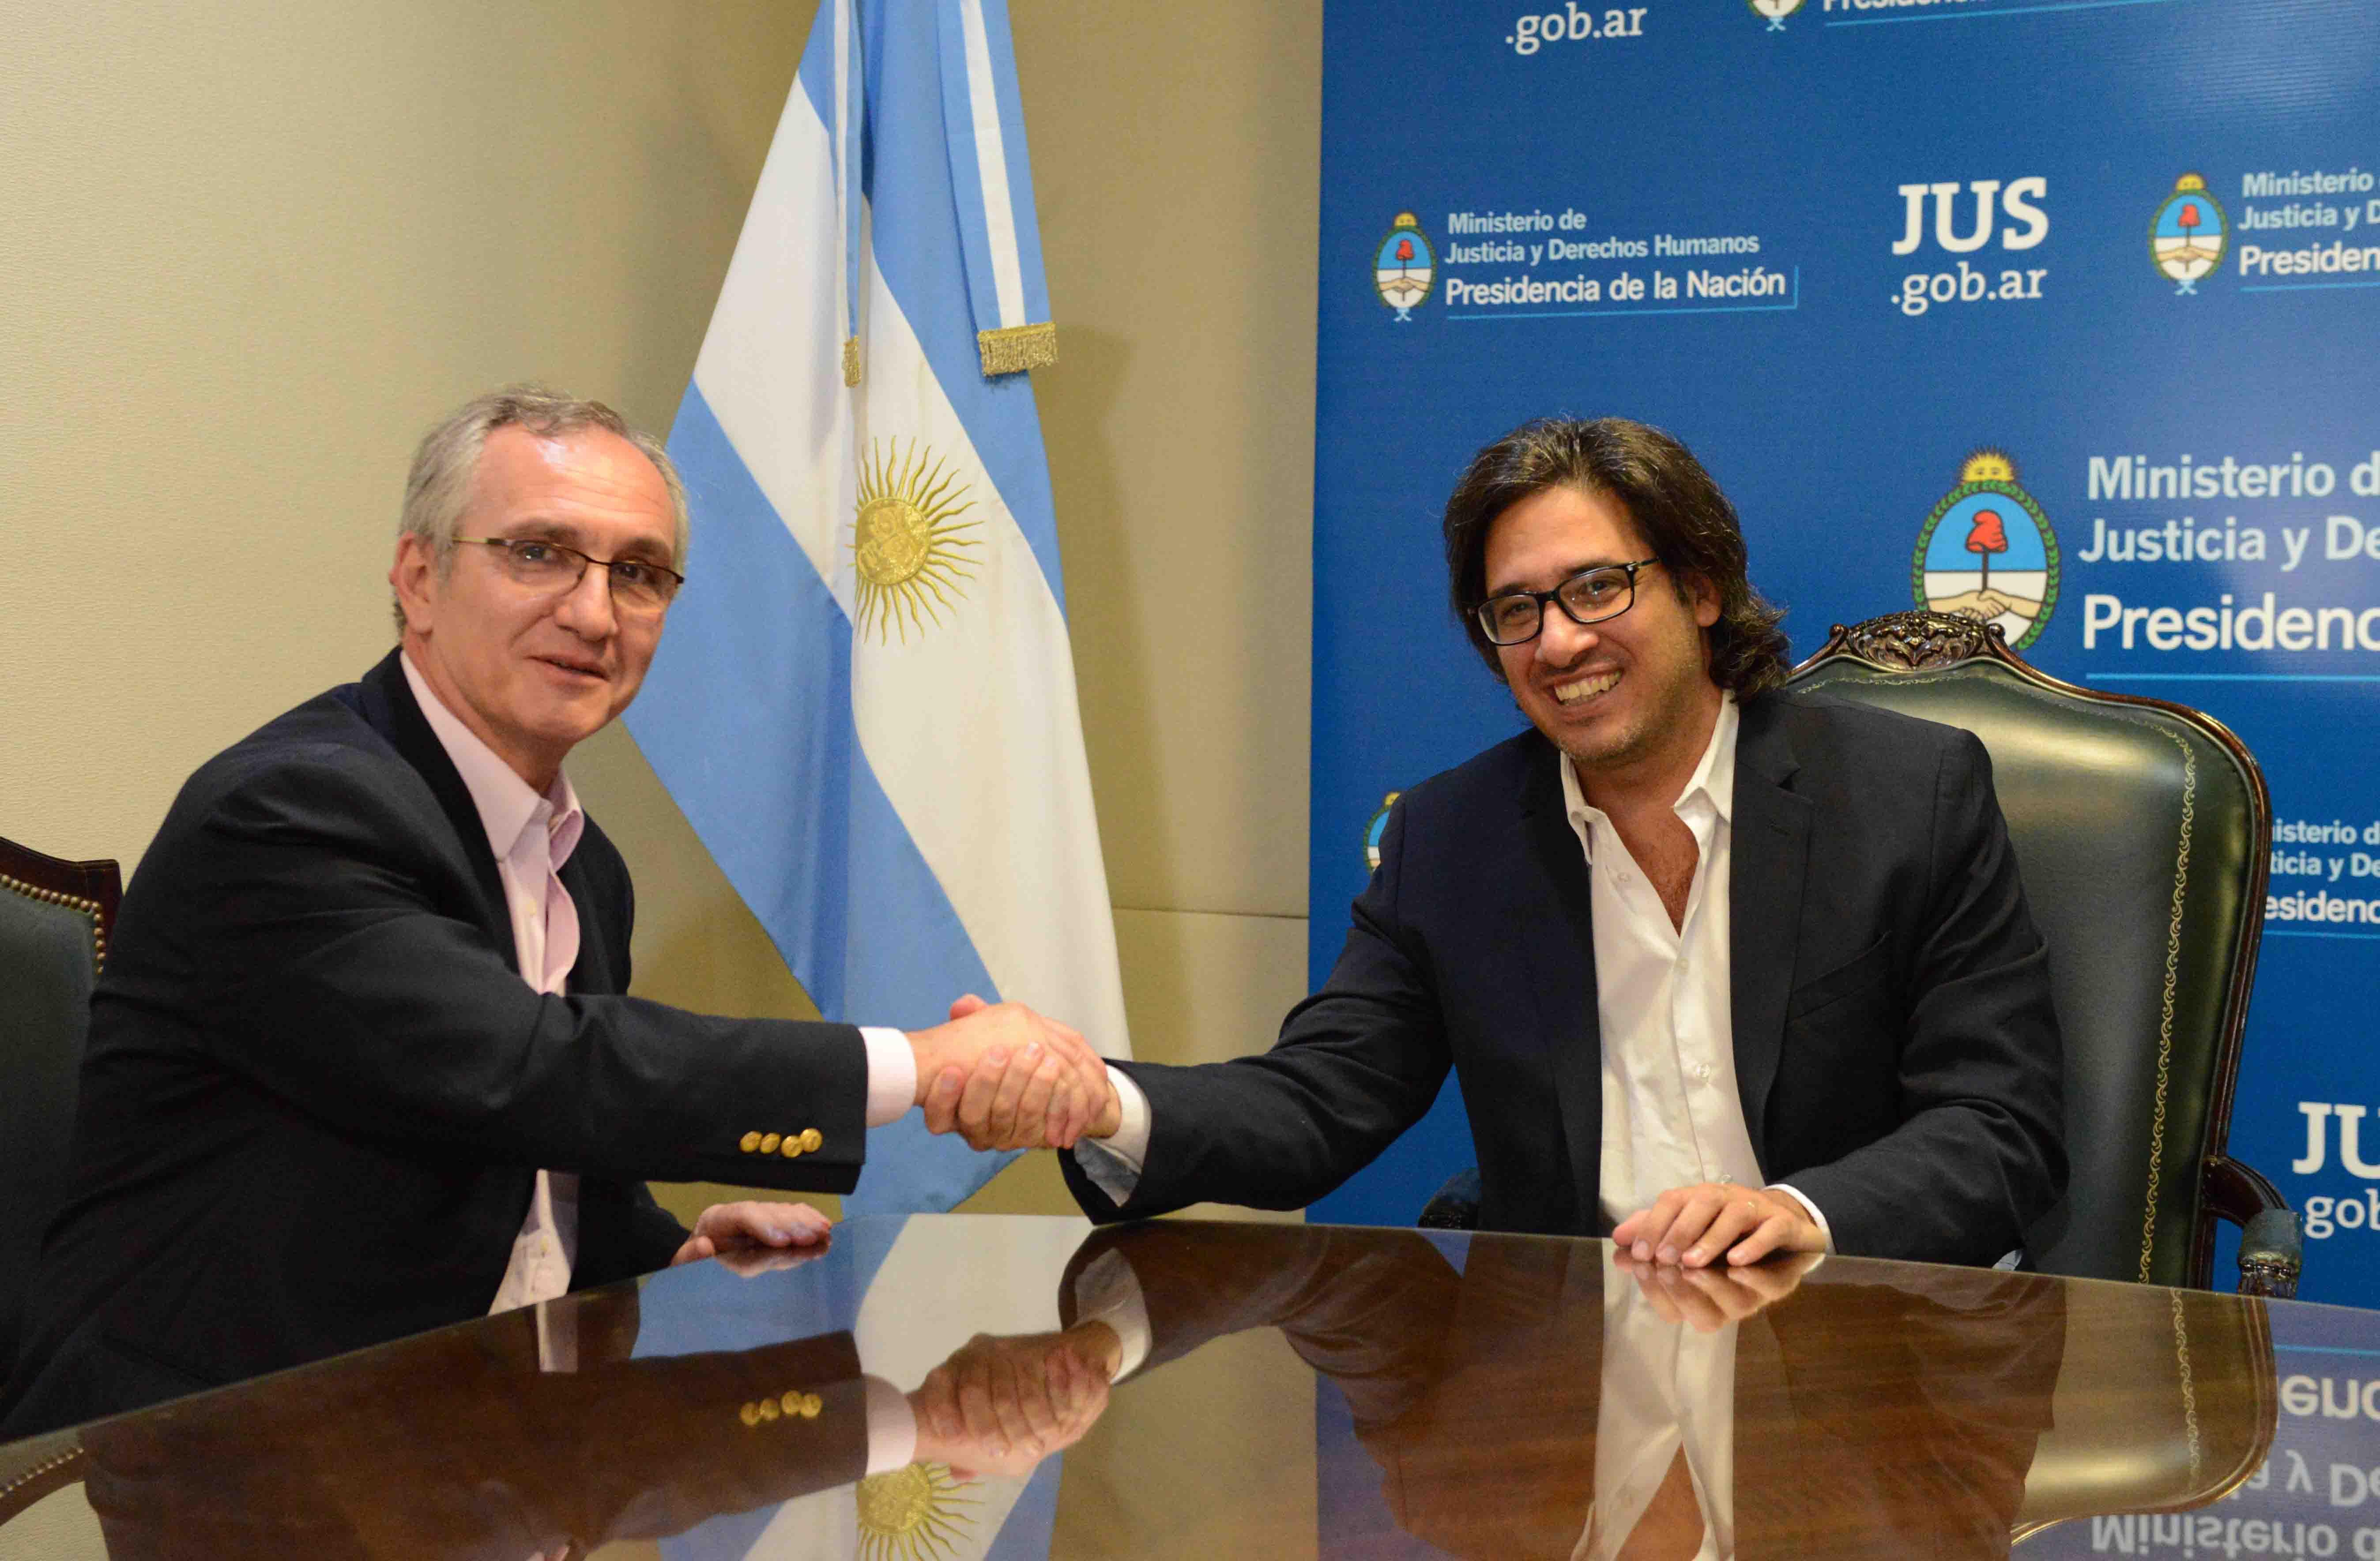 Lucha contra la corrupción: Garavano y Lipera firman acuerdo de cooperación académica